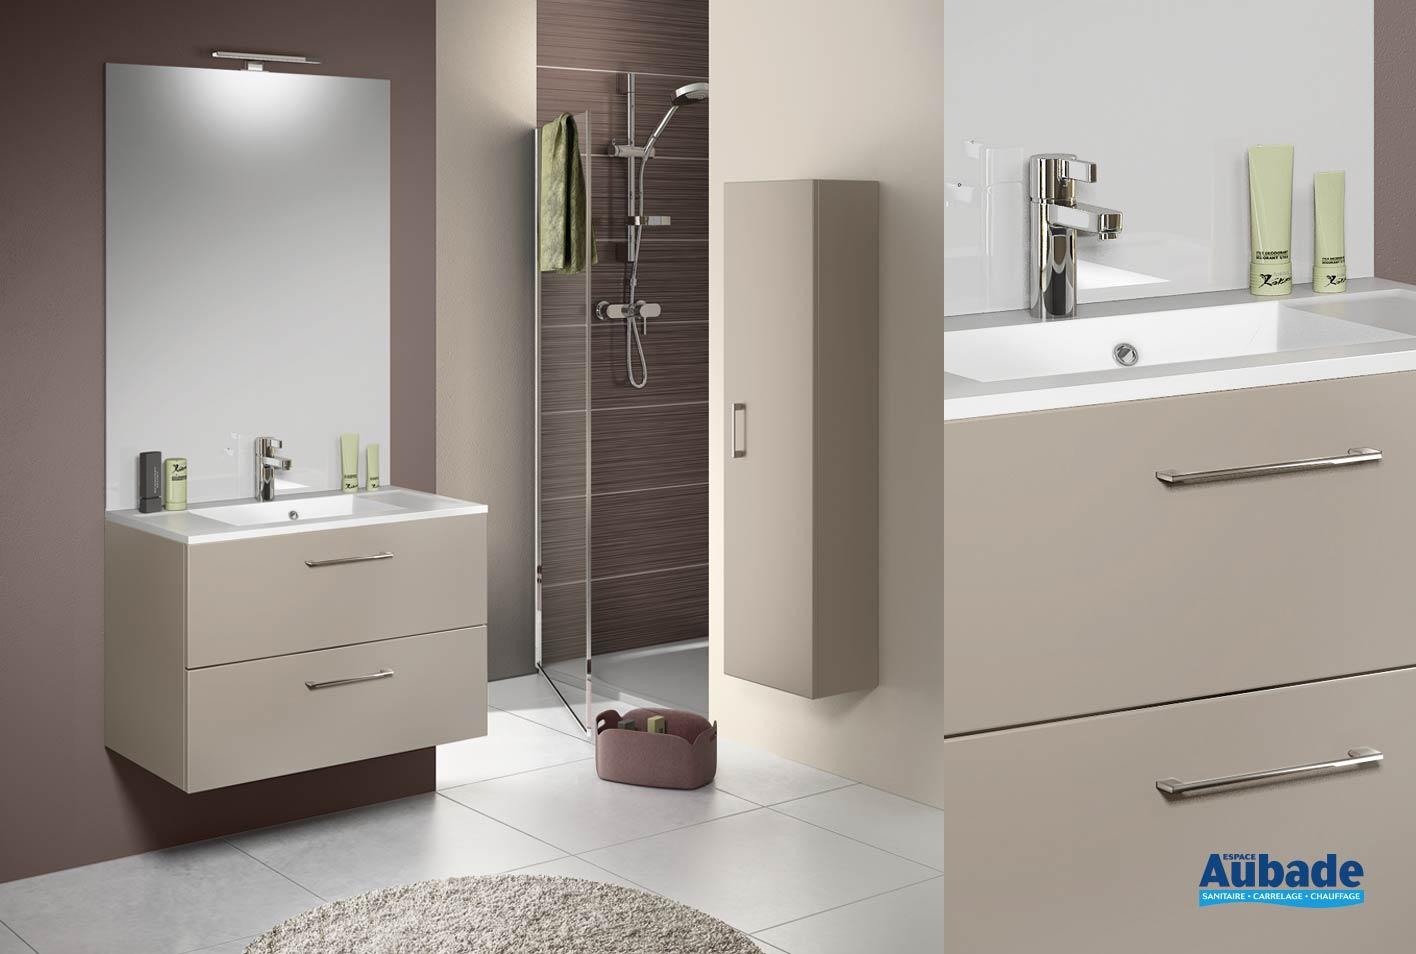 Meuble salle de bain delpha duoexpress espace aubade - Meuble salle de bain delpha ...